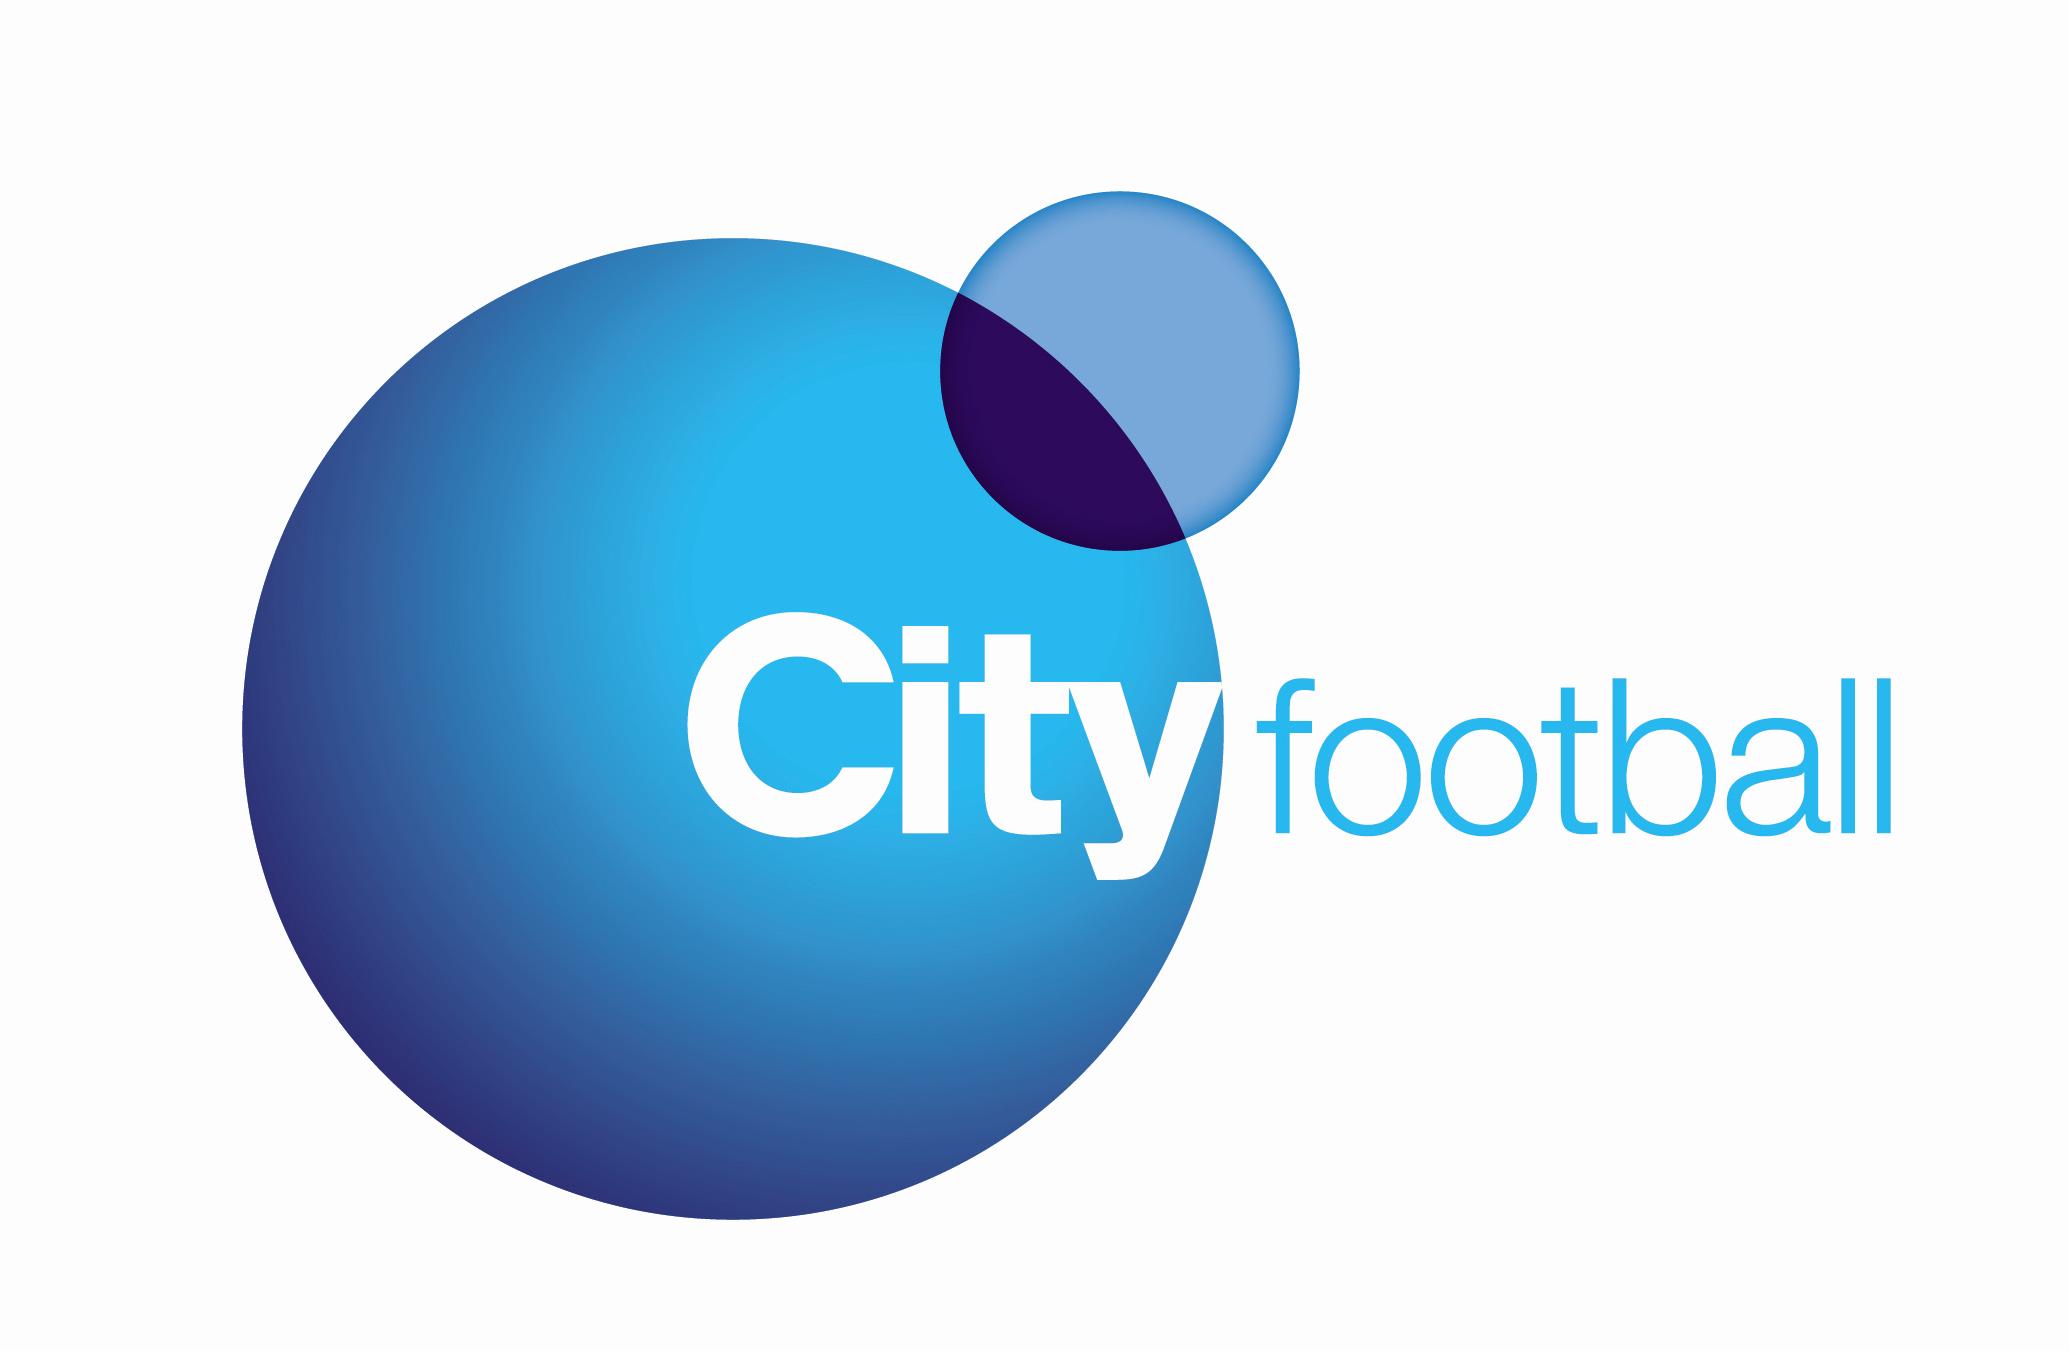 City Football Group – Wikipédia, a enciclopédia livre